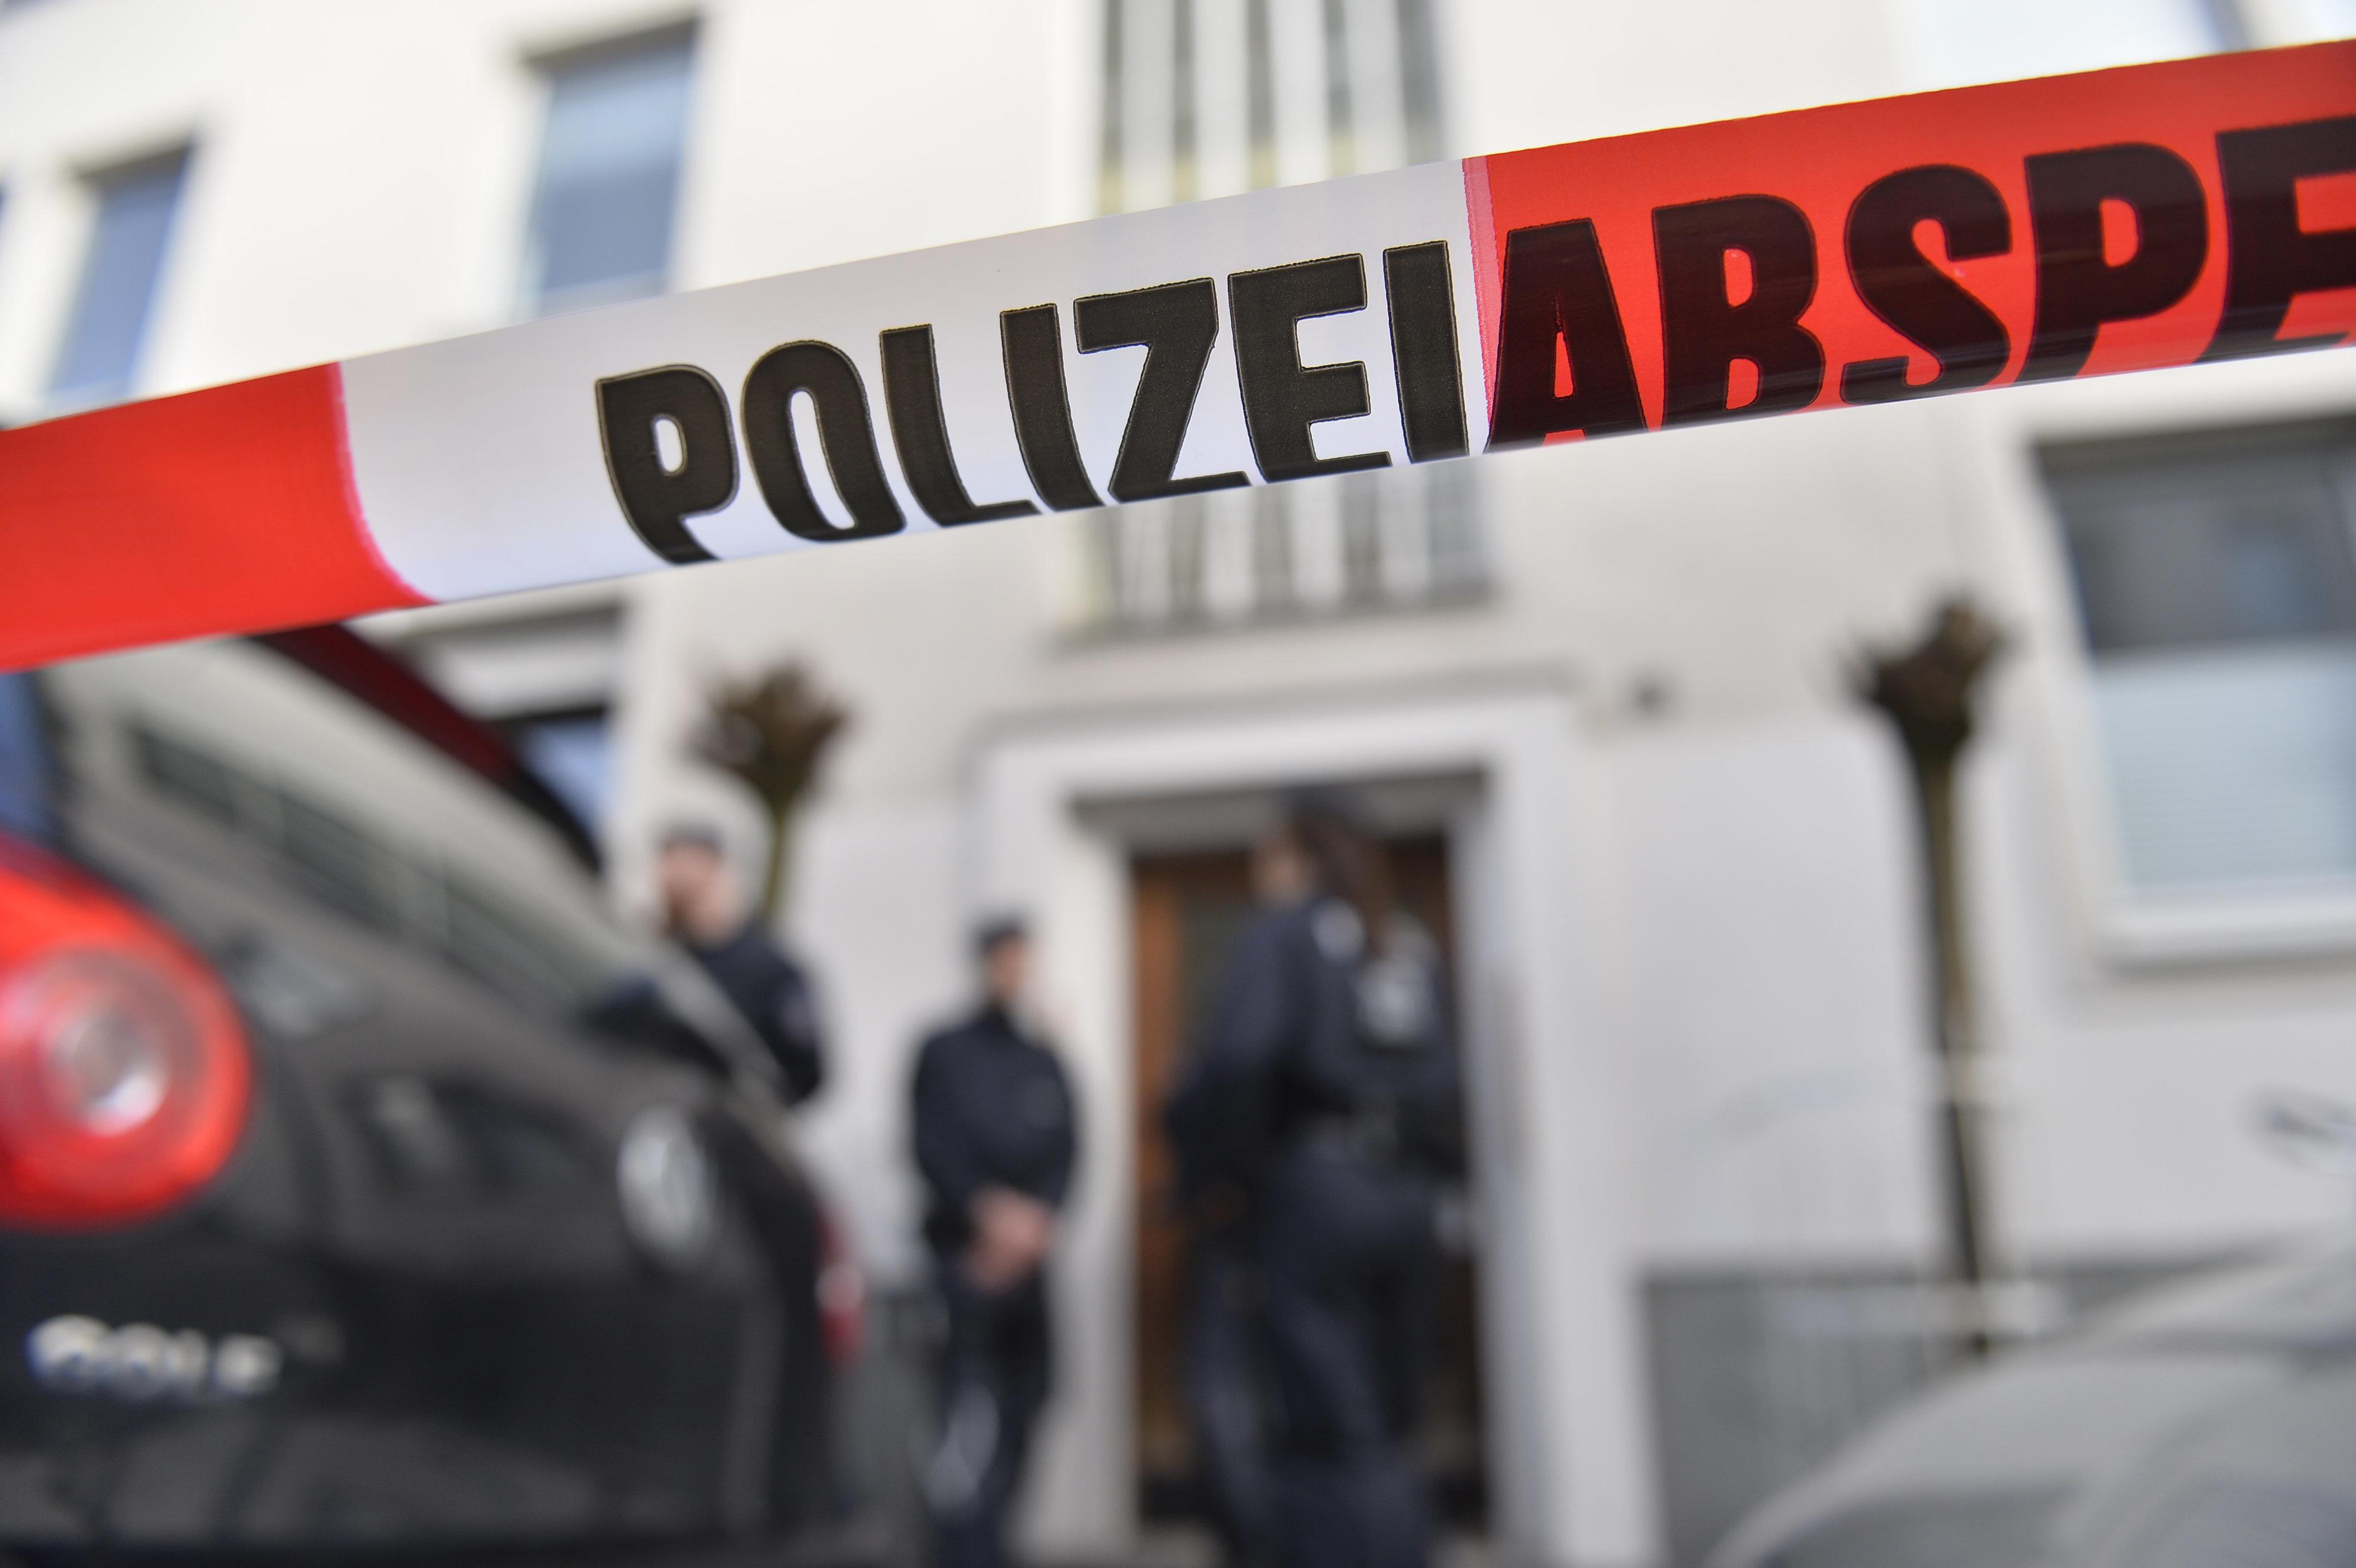 Η αστυνομία απέτρεψε επιθέσεις στον ημιμαραθώνιο του